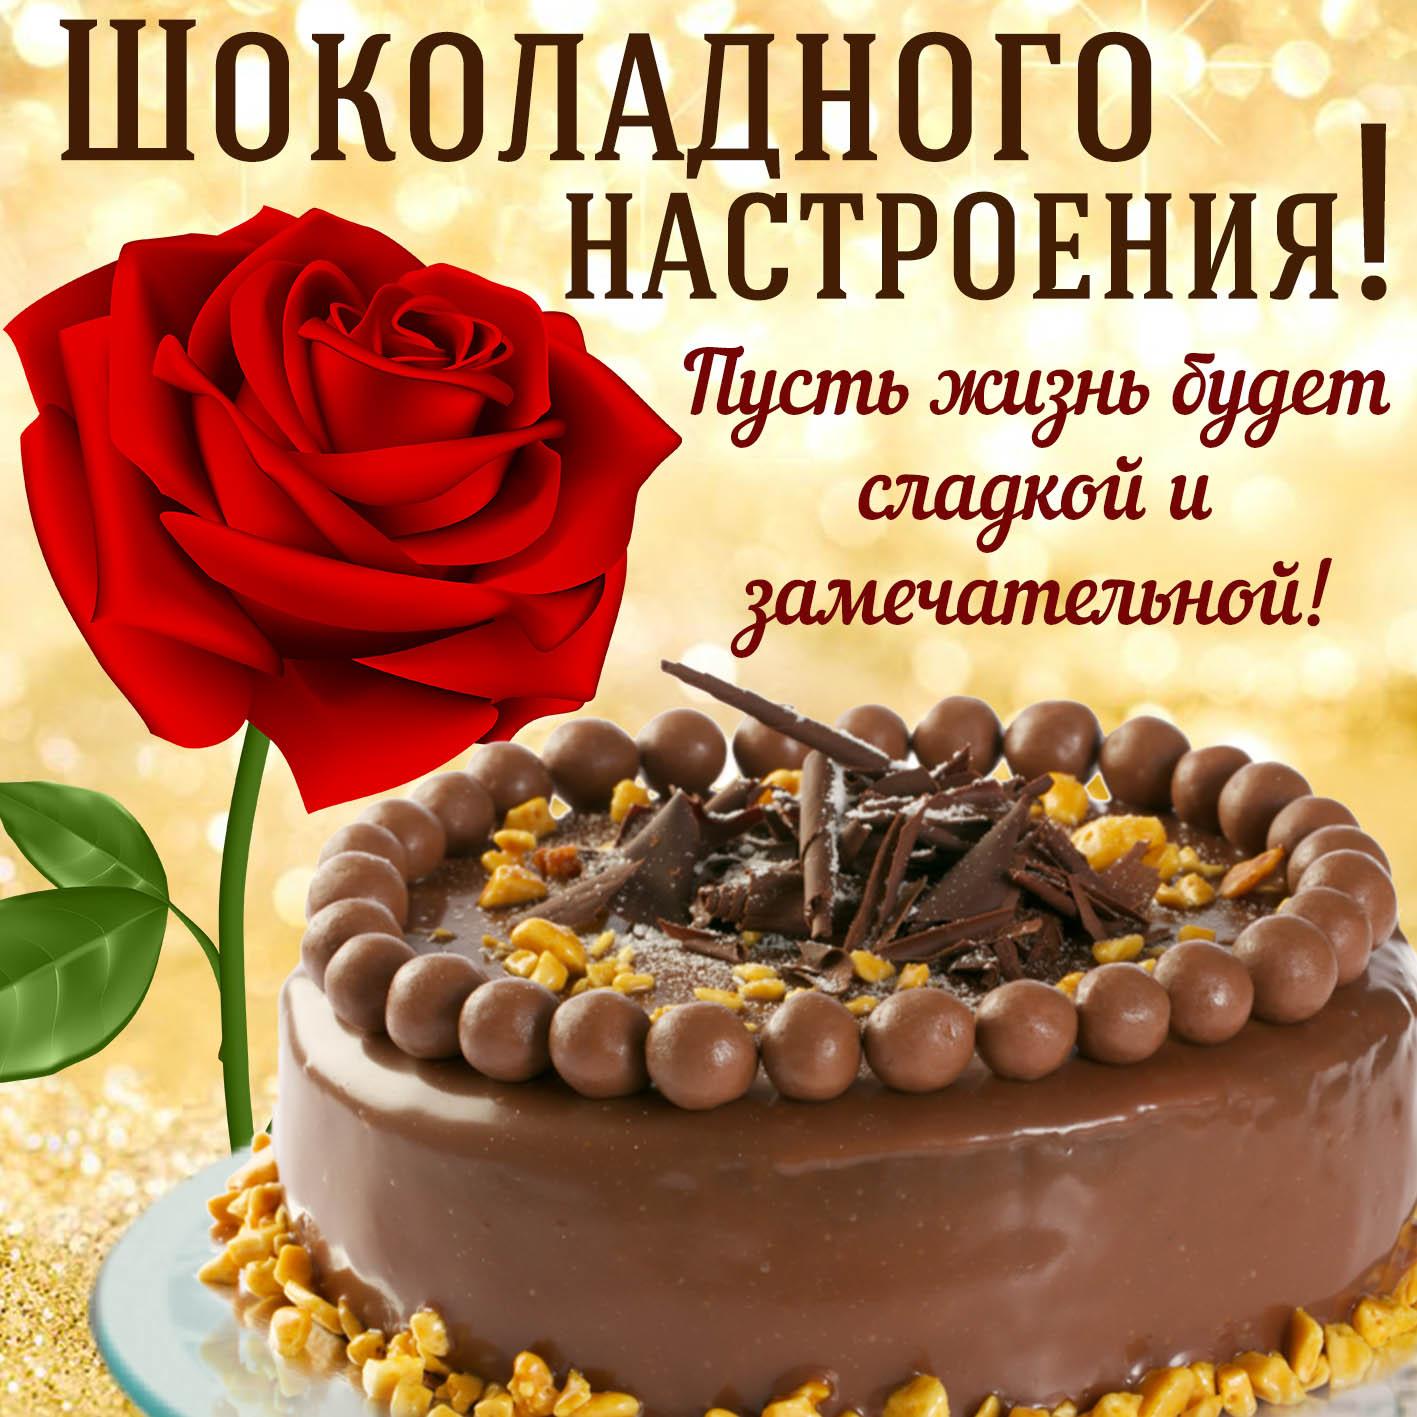 Открытка - тортик и пожелание шоколадного настроения